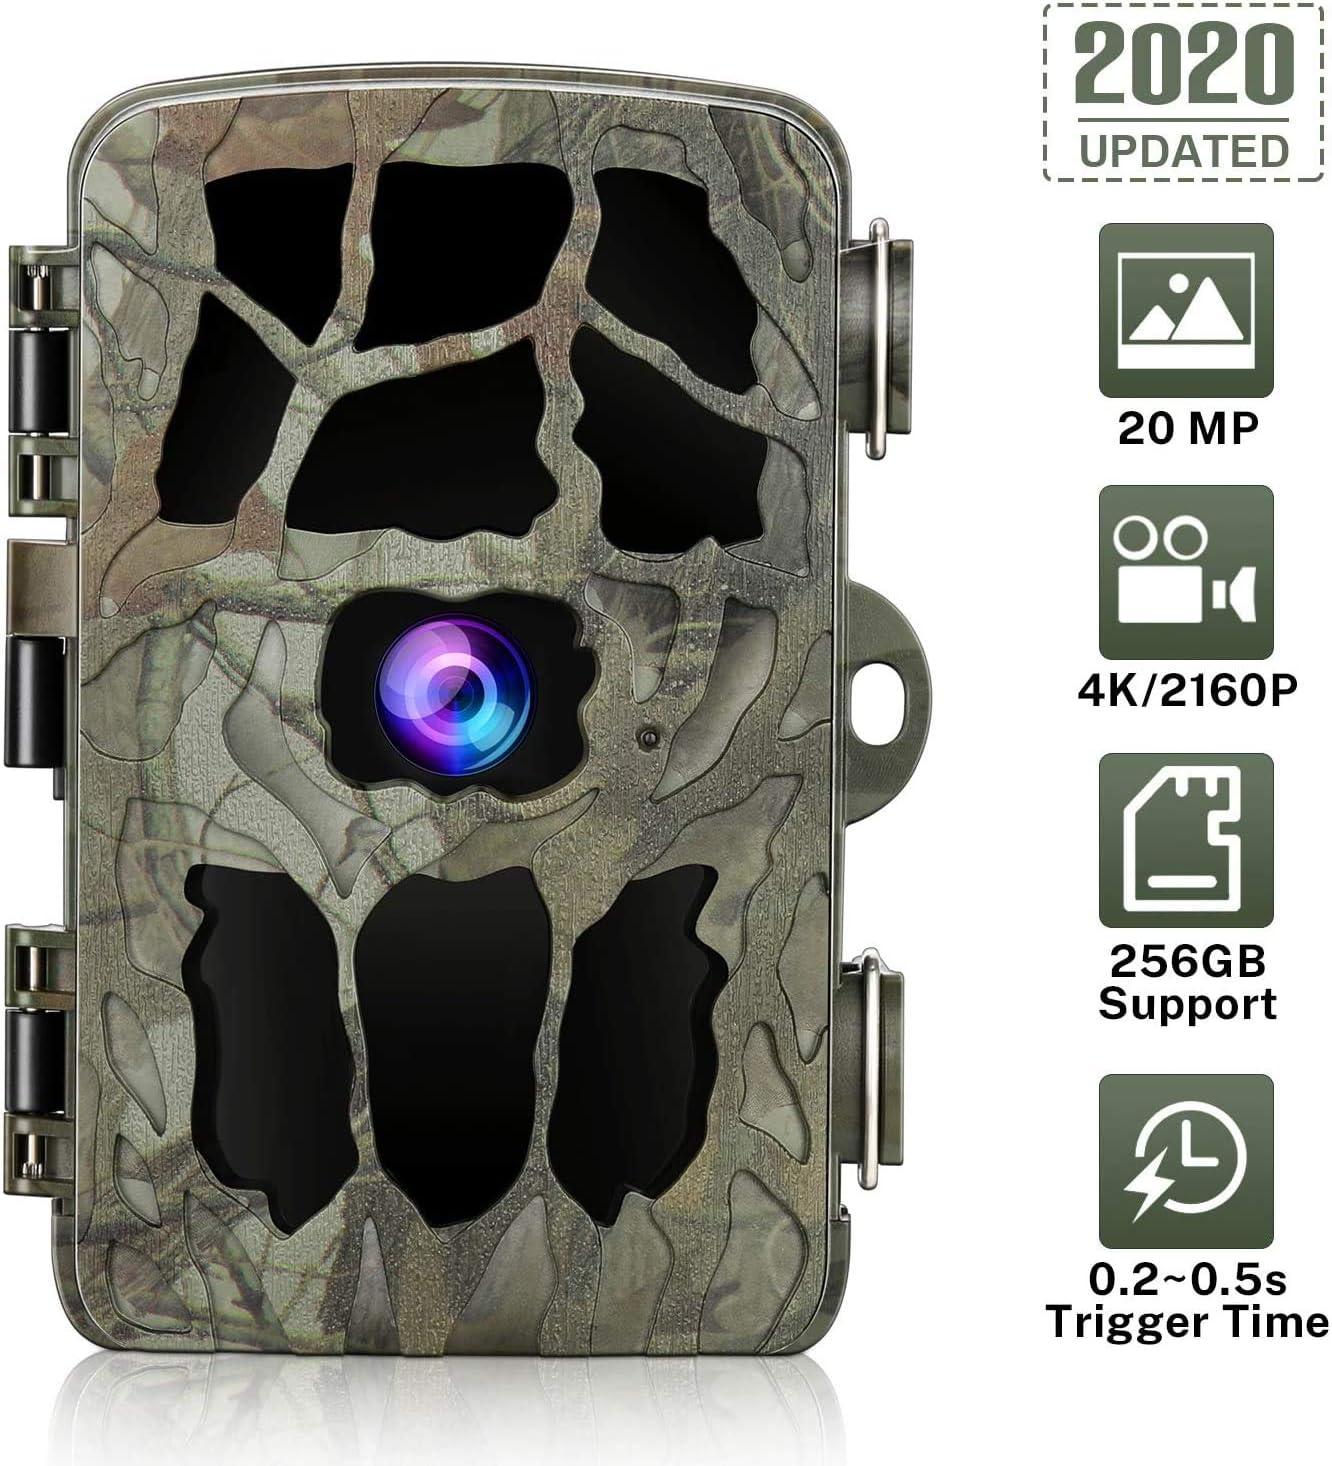 DOOK 2020 Upgrade Cámara de Caza 4k 20MP 1080P, Camara Caza con 940nm 40pcs Luz Invisible, Camara Caza Nocturna Velocidad de Disparo de 0.2s de hasta 22m, Impermeable Ip66 para Vigilancia, Cazar